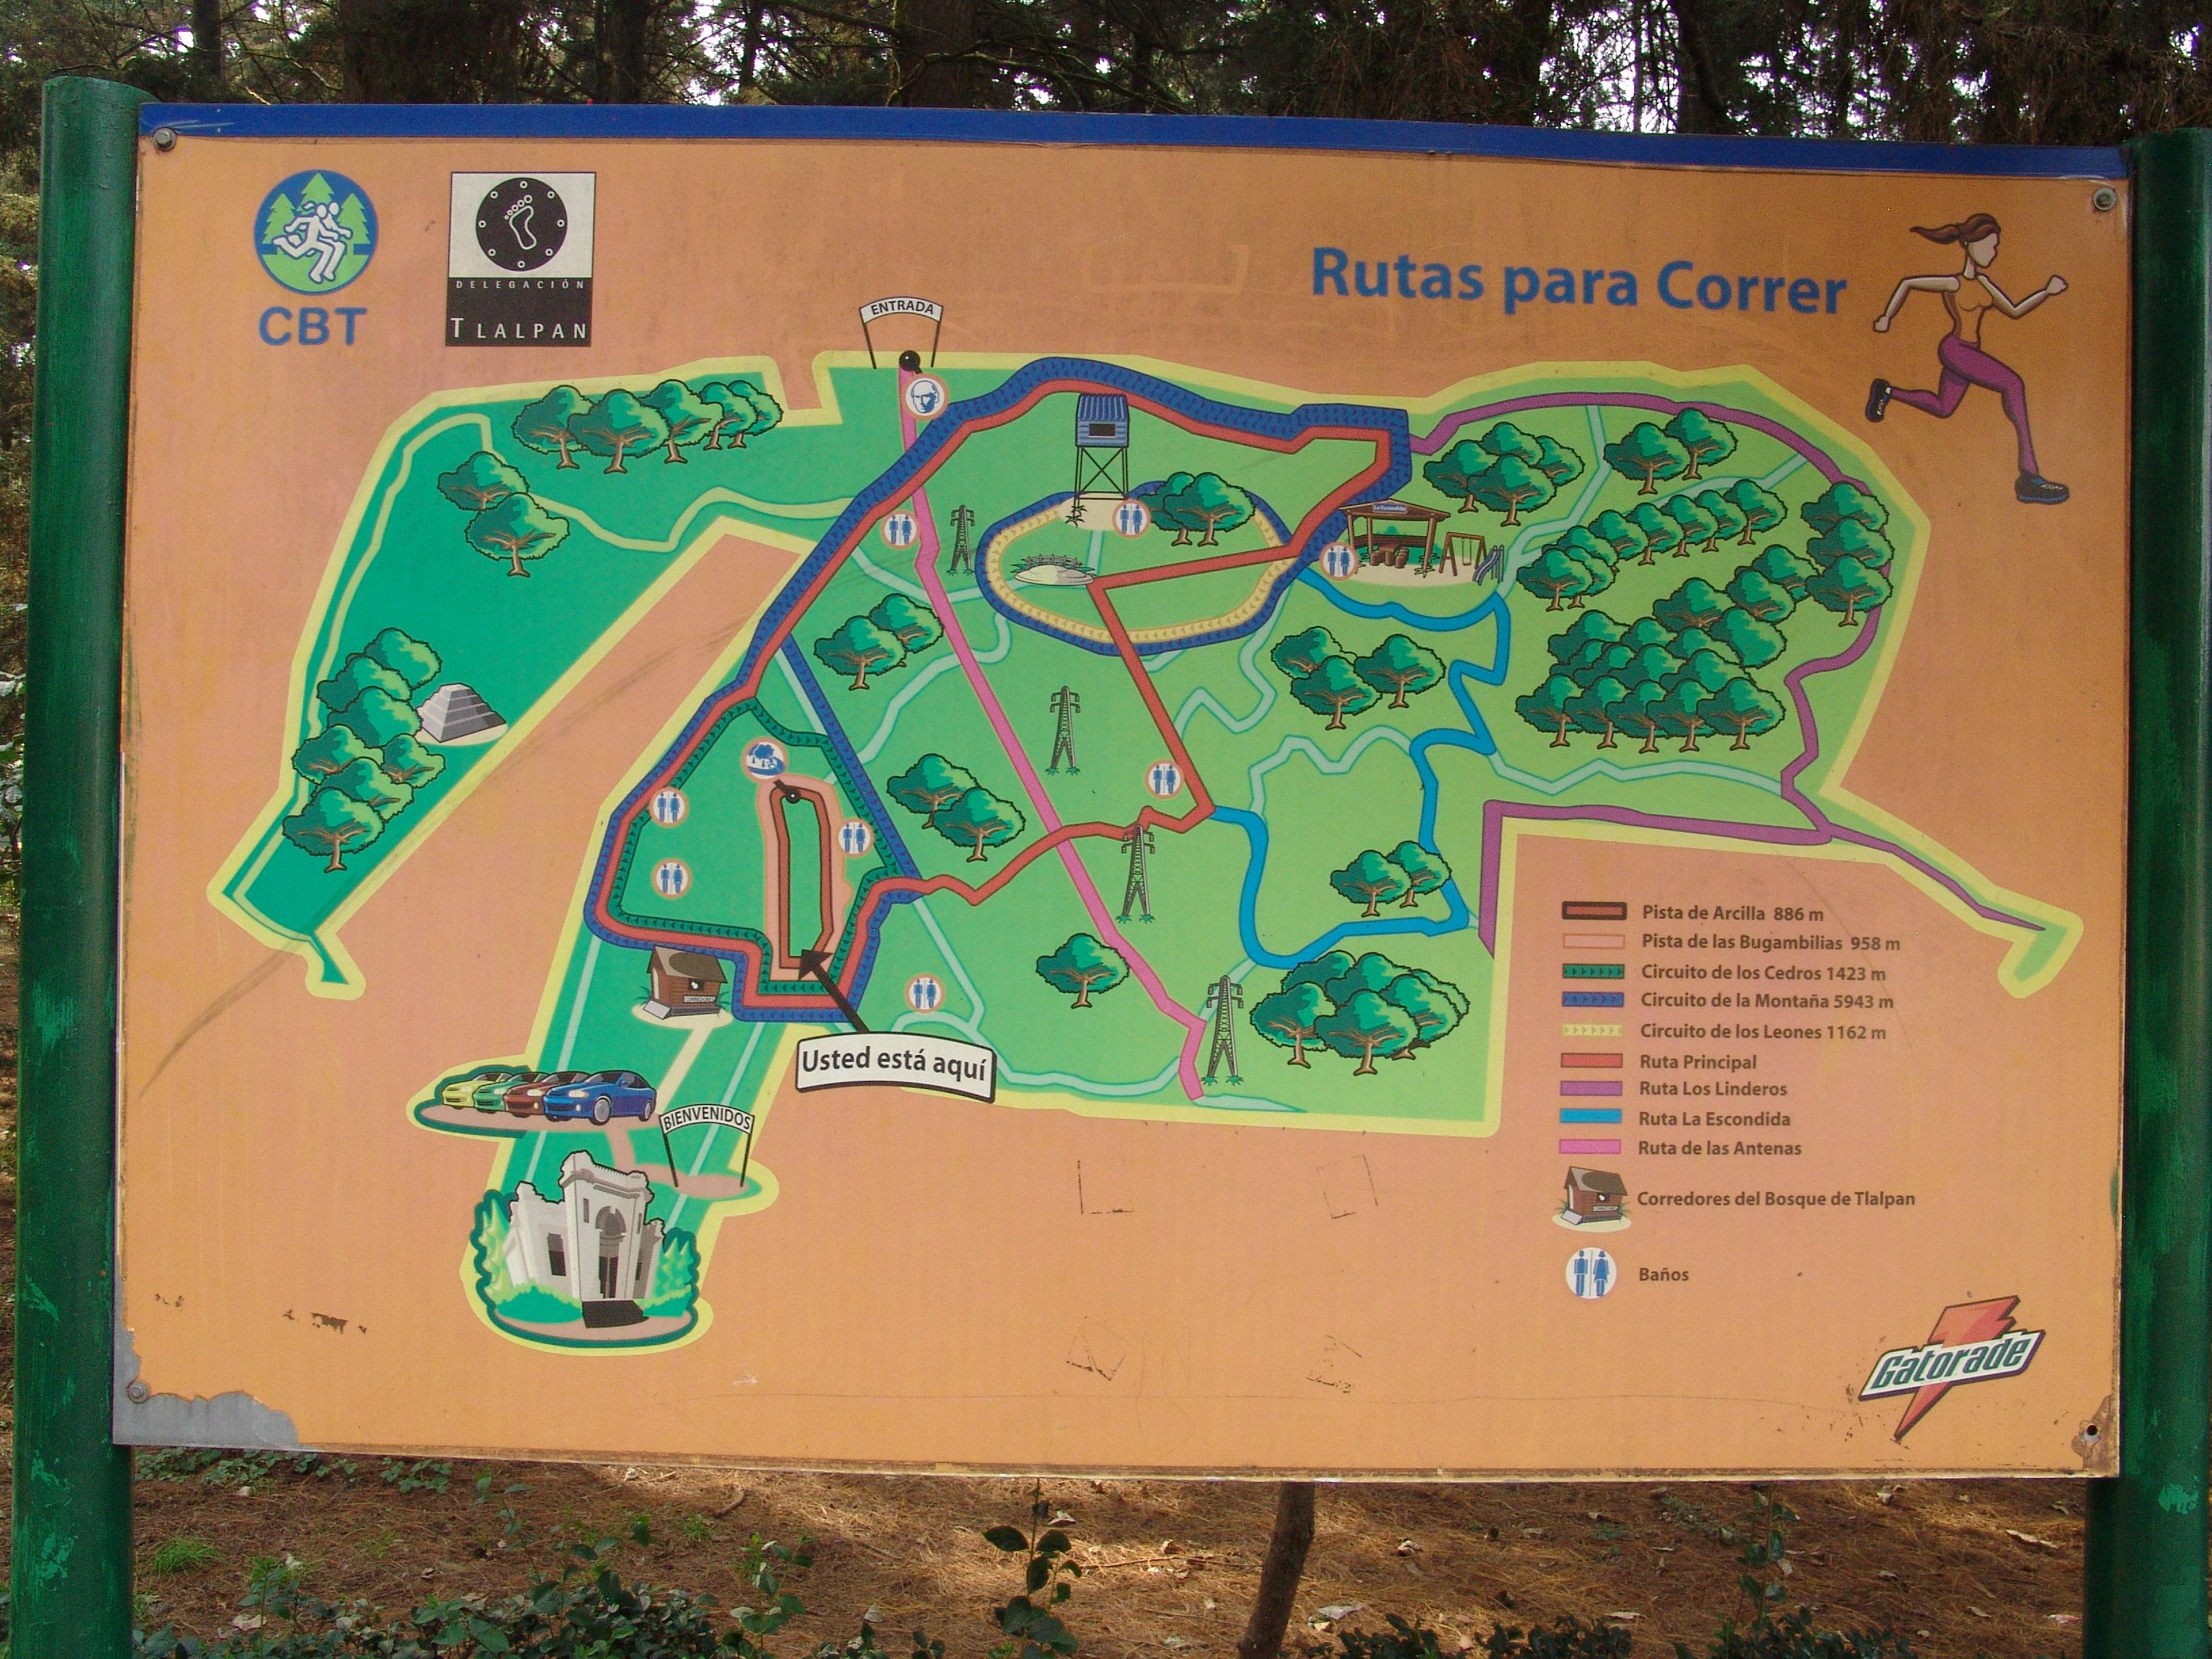 Circuito W Mapa : File:letreros del bosque de tlalpan 09.jpg wikimedia commons